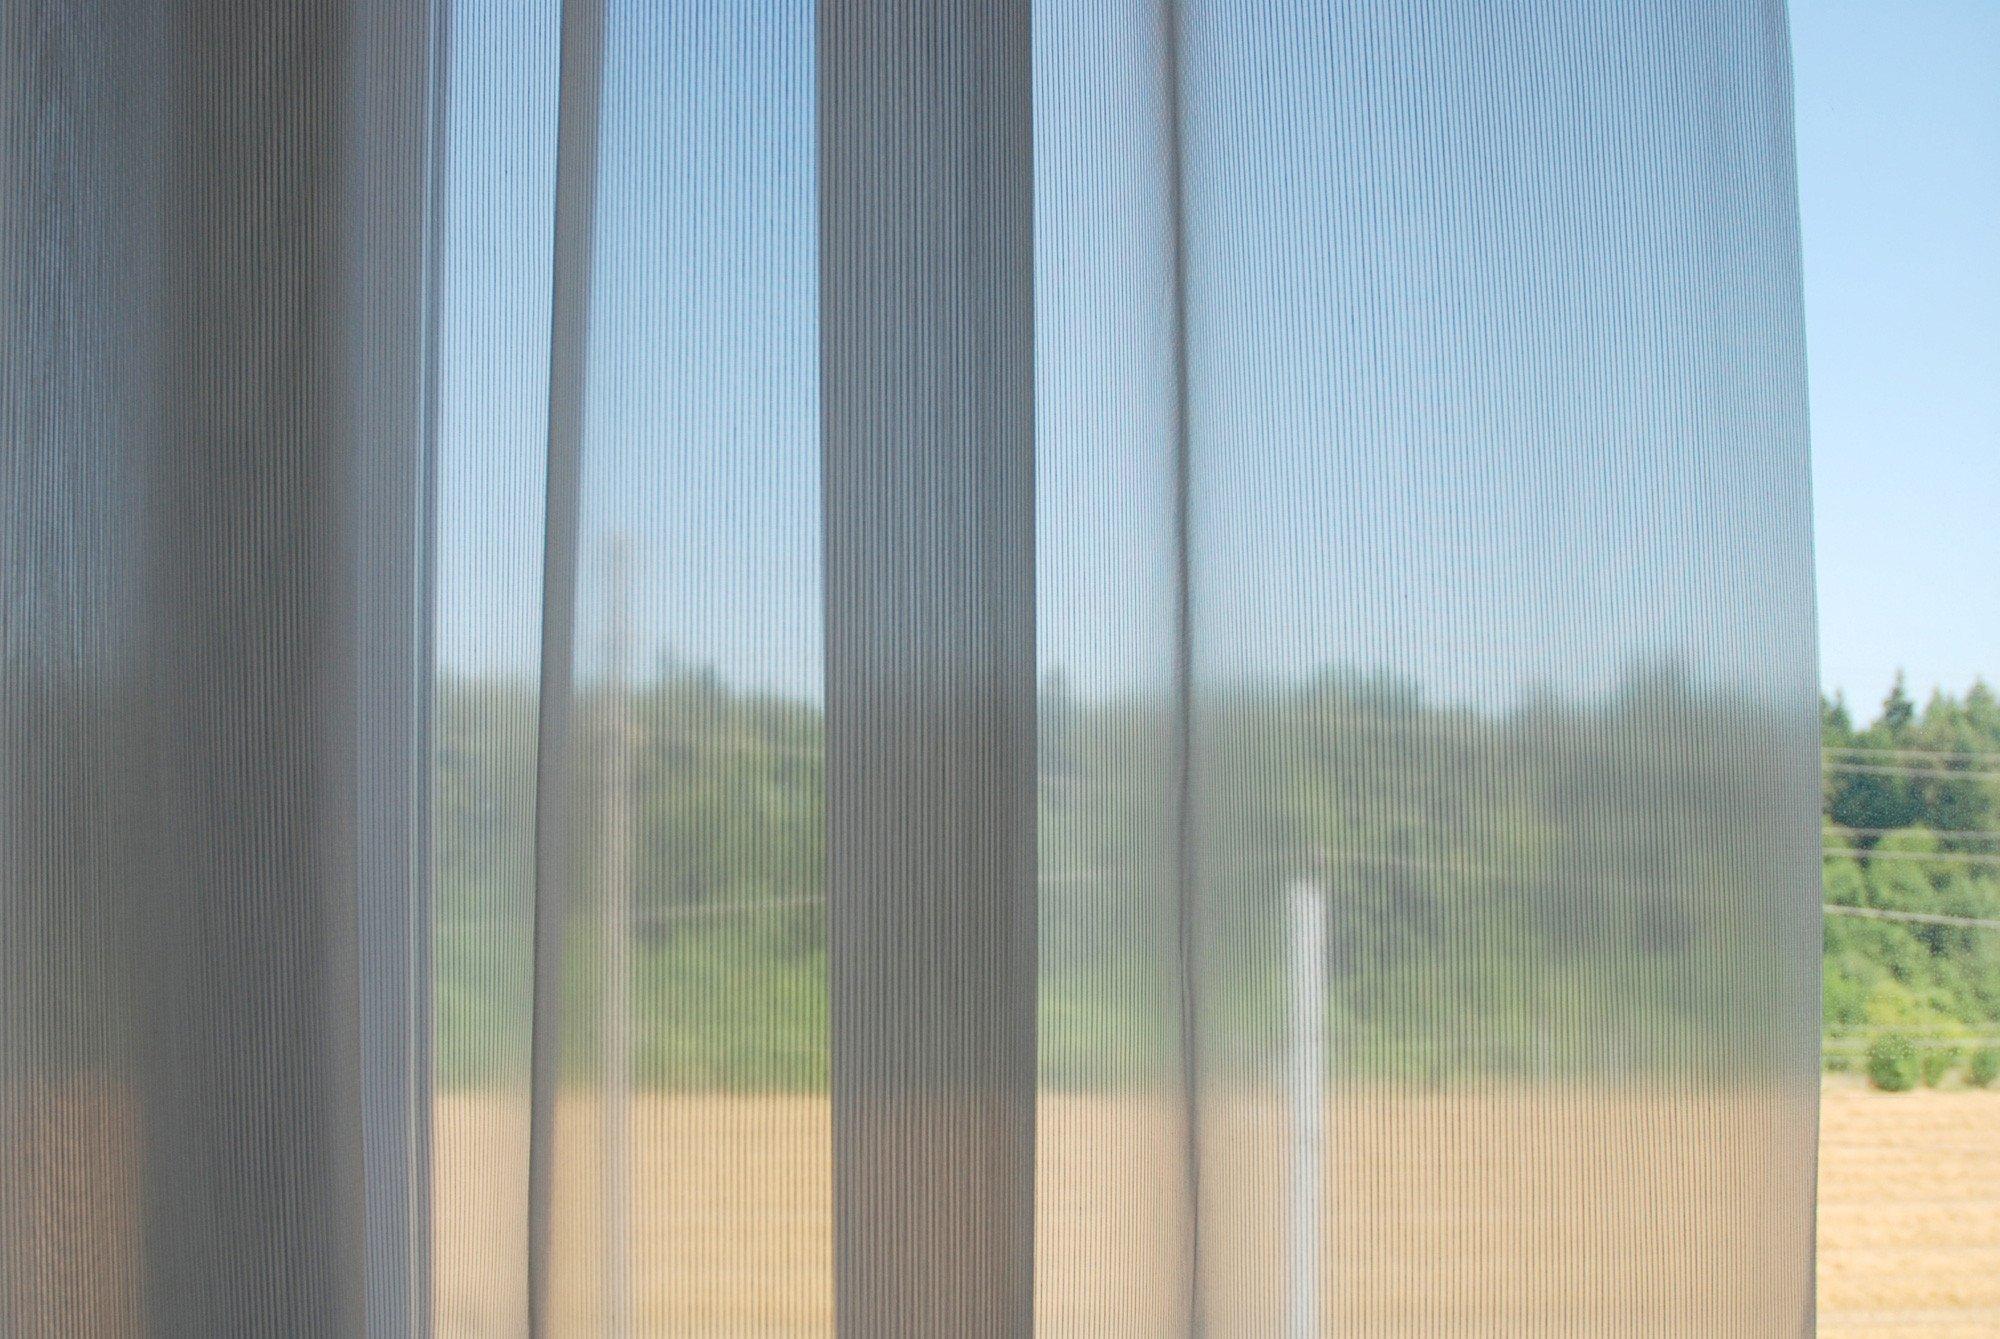 Full Size of Sonnenschutz Fenster Innen Ohne Bohren Saugnapf Velux Innenrollos Oder Aussen Liegender Arten Und Formen Fliegengitter Weru Preise Bremen Rollo Rundes Mit Fenster Sonnenschutz Fenster Innen